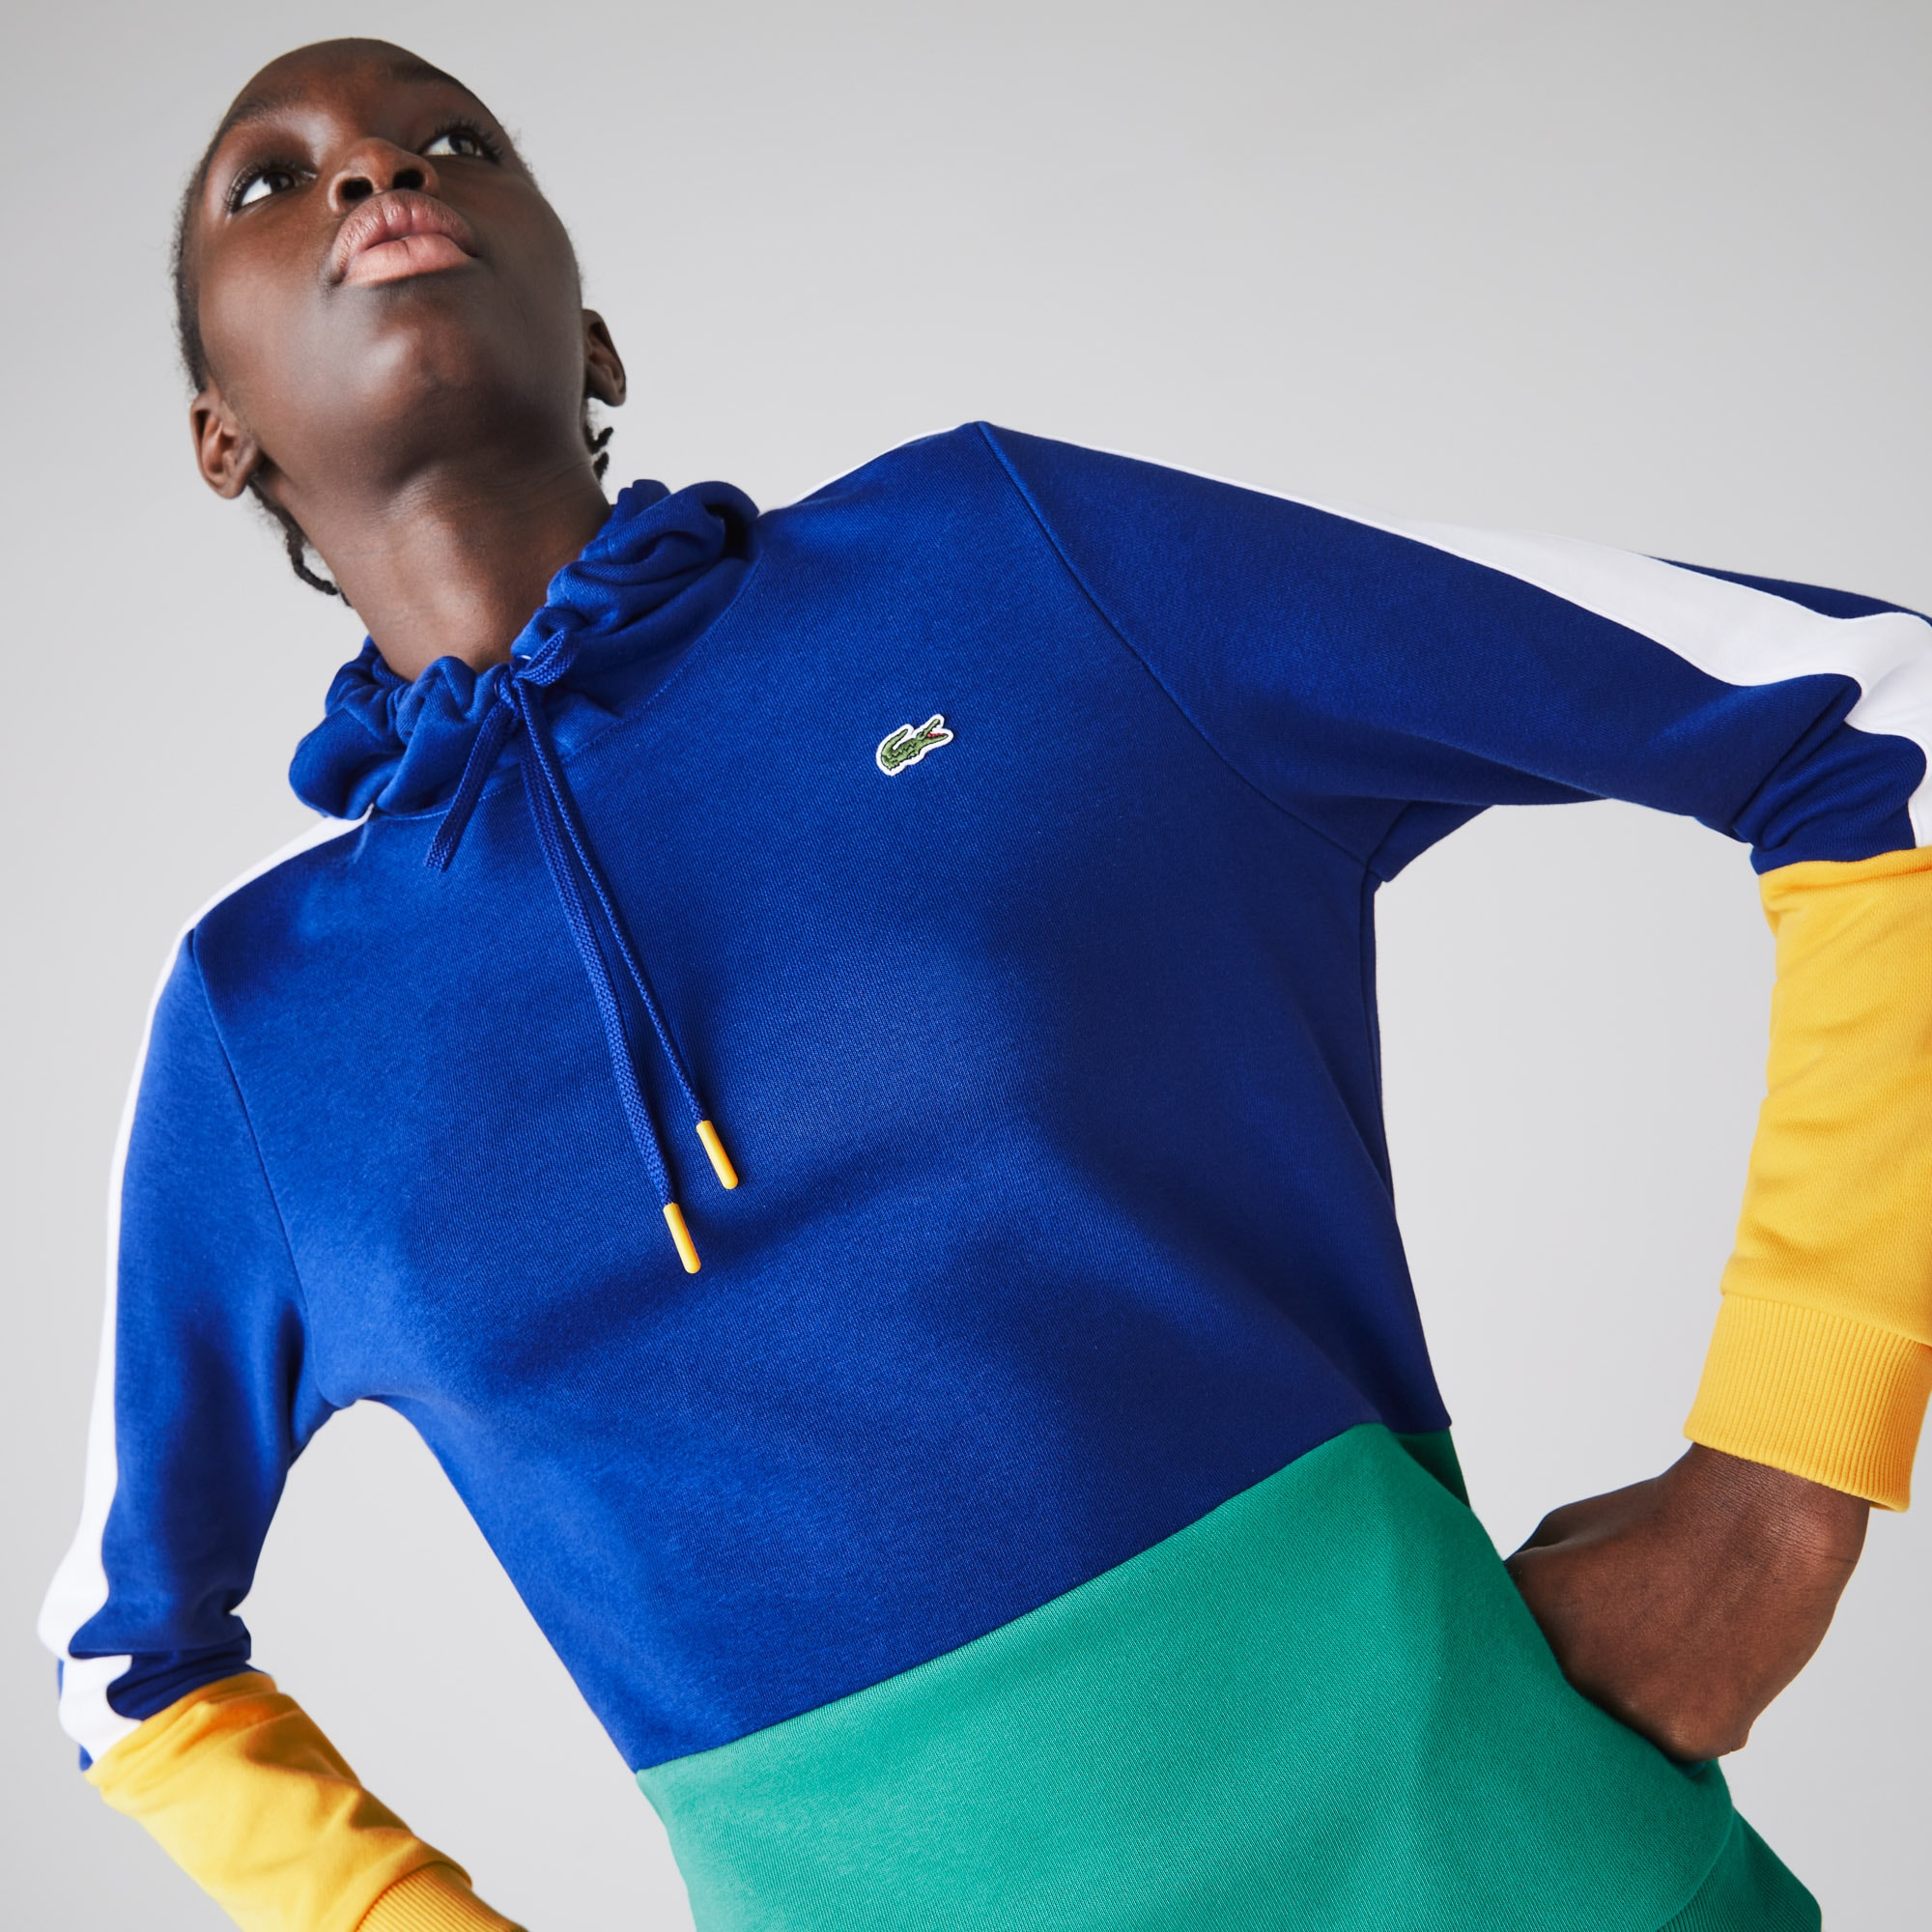 라코스테 스포츠 테니스 컬러블록 후드티 Womens  Lacoste SPORT Hooded Colourblock Fleece Tennis Sweatshirt